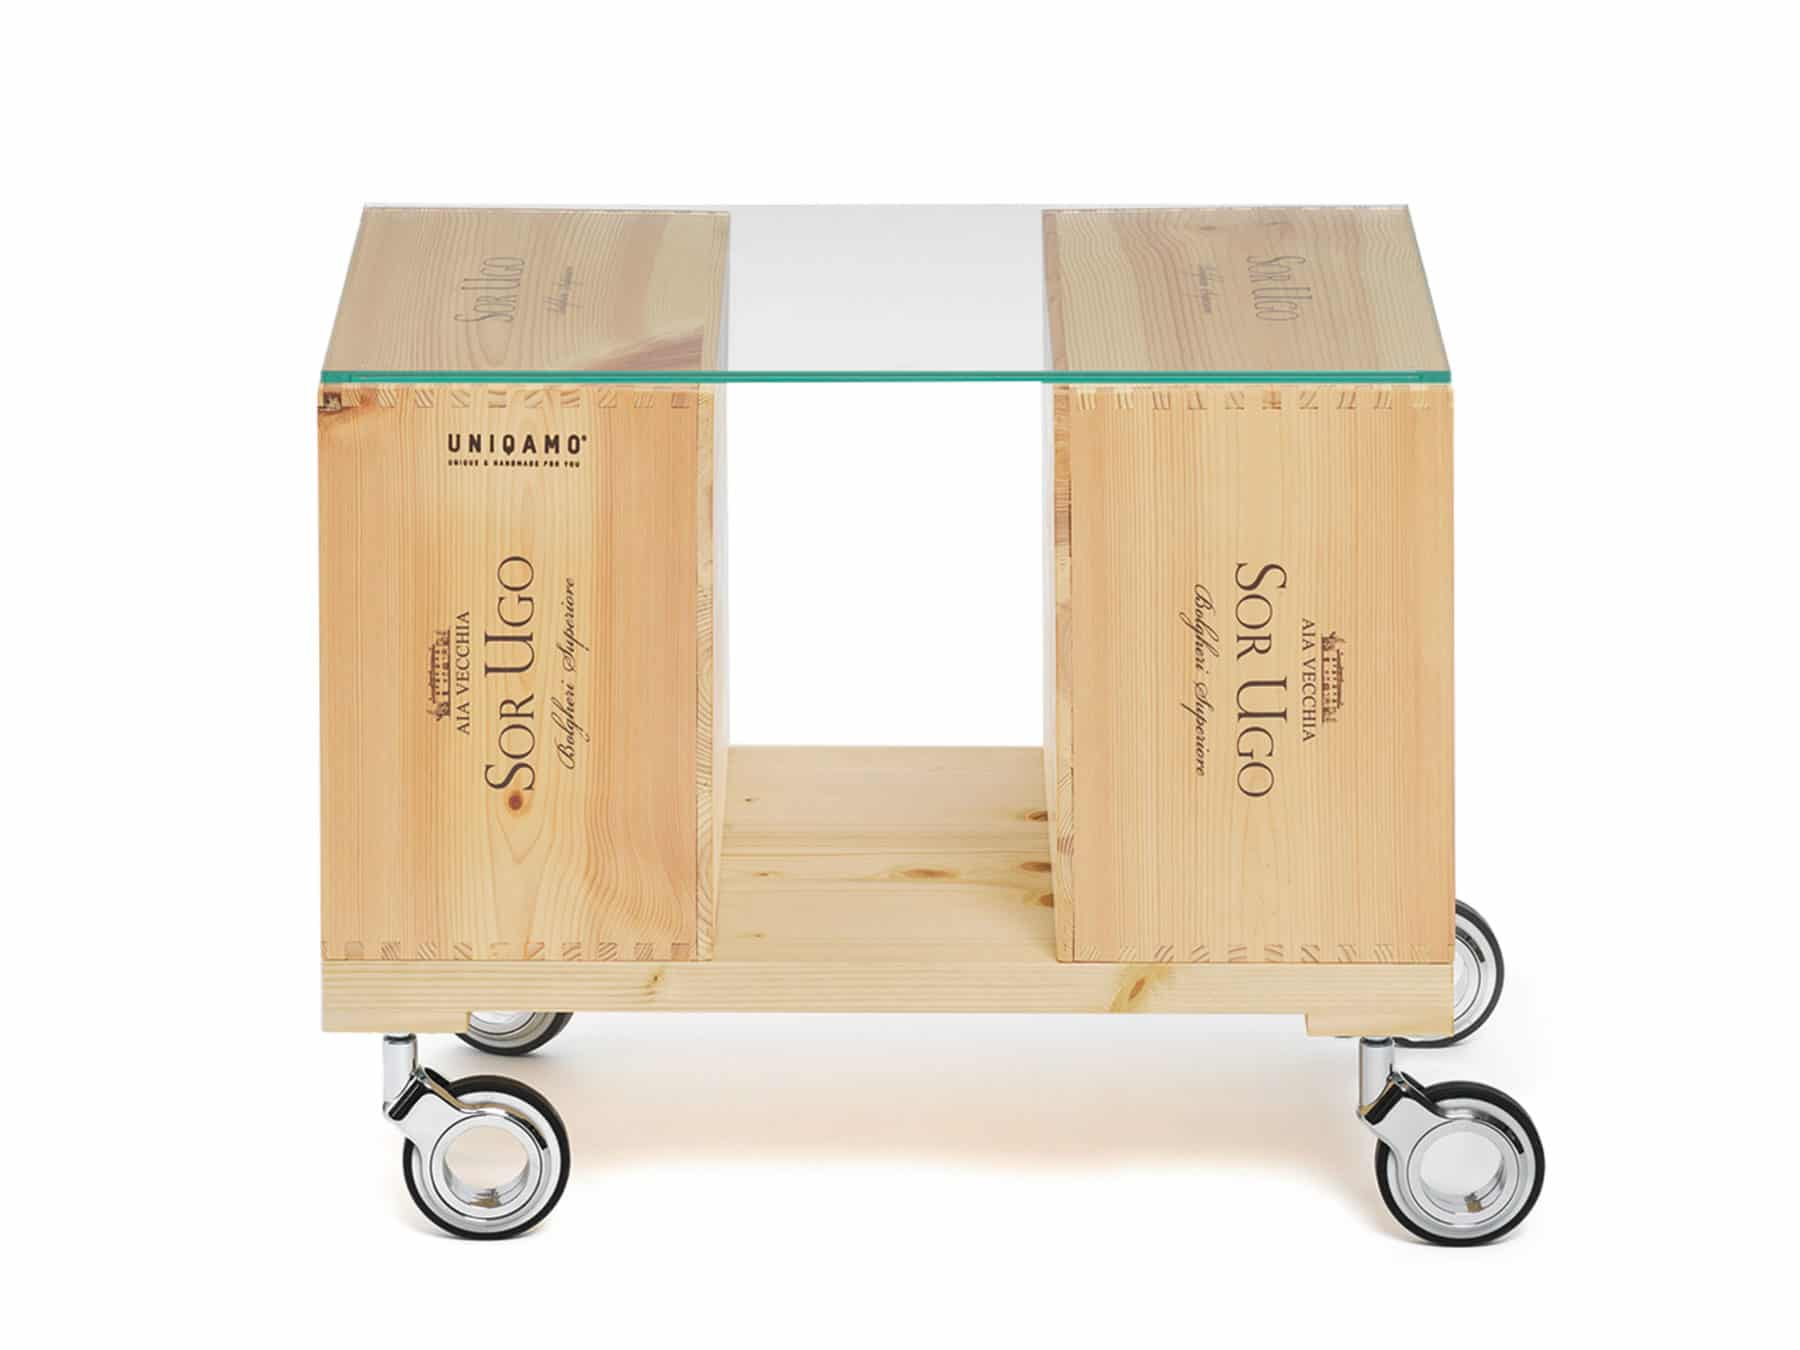 Uniqamo Beistelltisch Rollen Classic 6 gebrauchte Weinkisten Upcycling